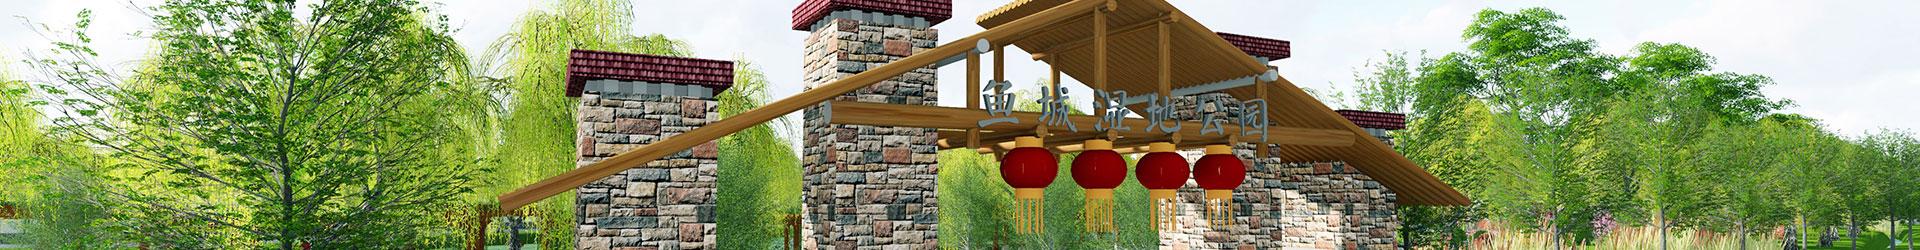 山东瑞明园林景观设计